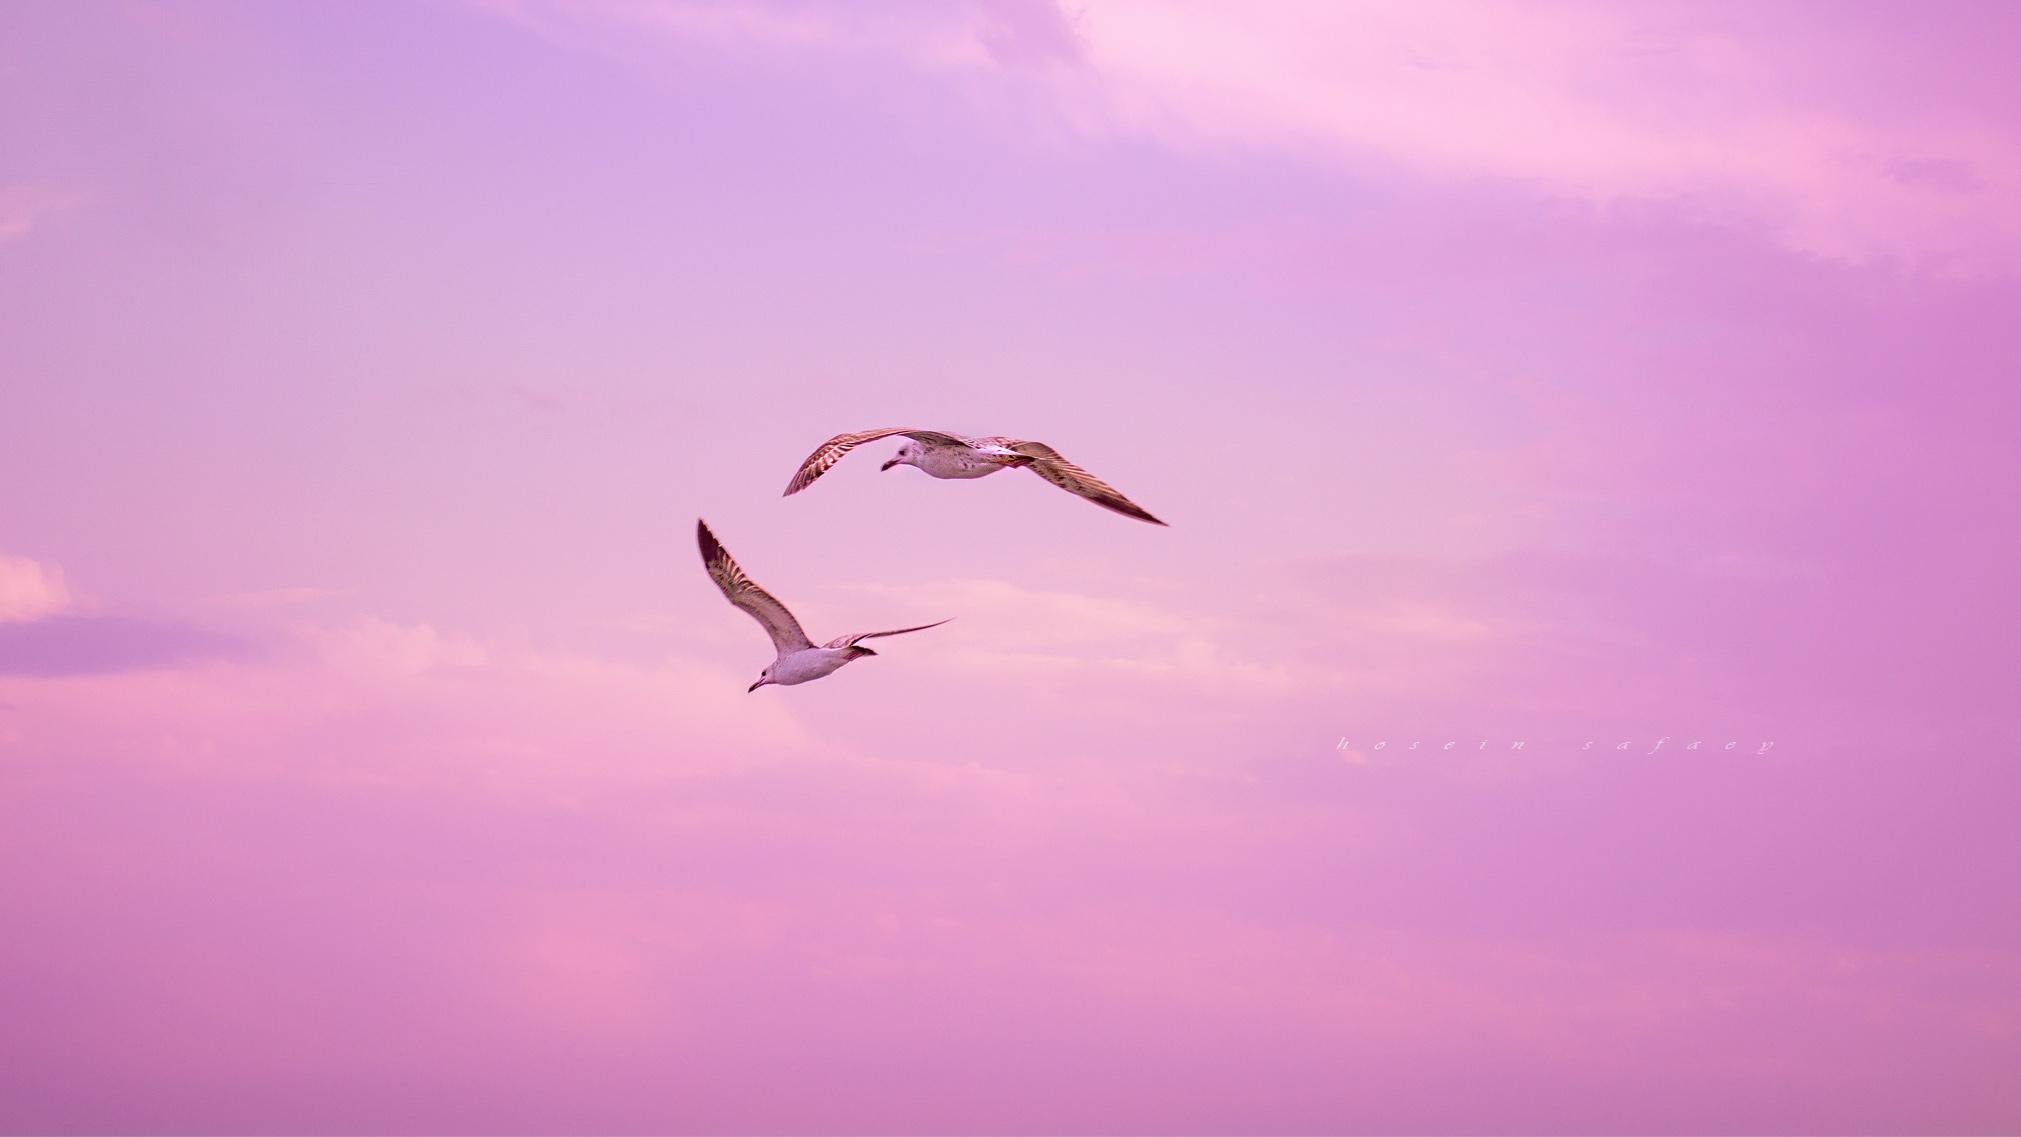 lovely fly...